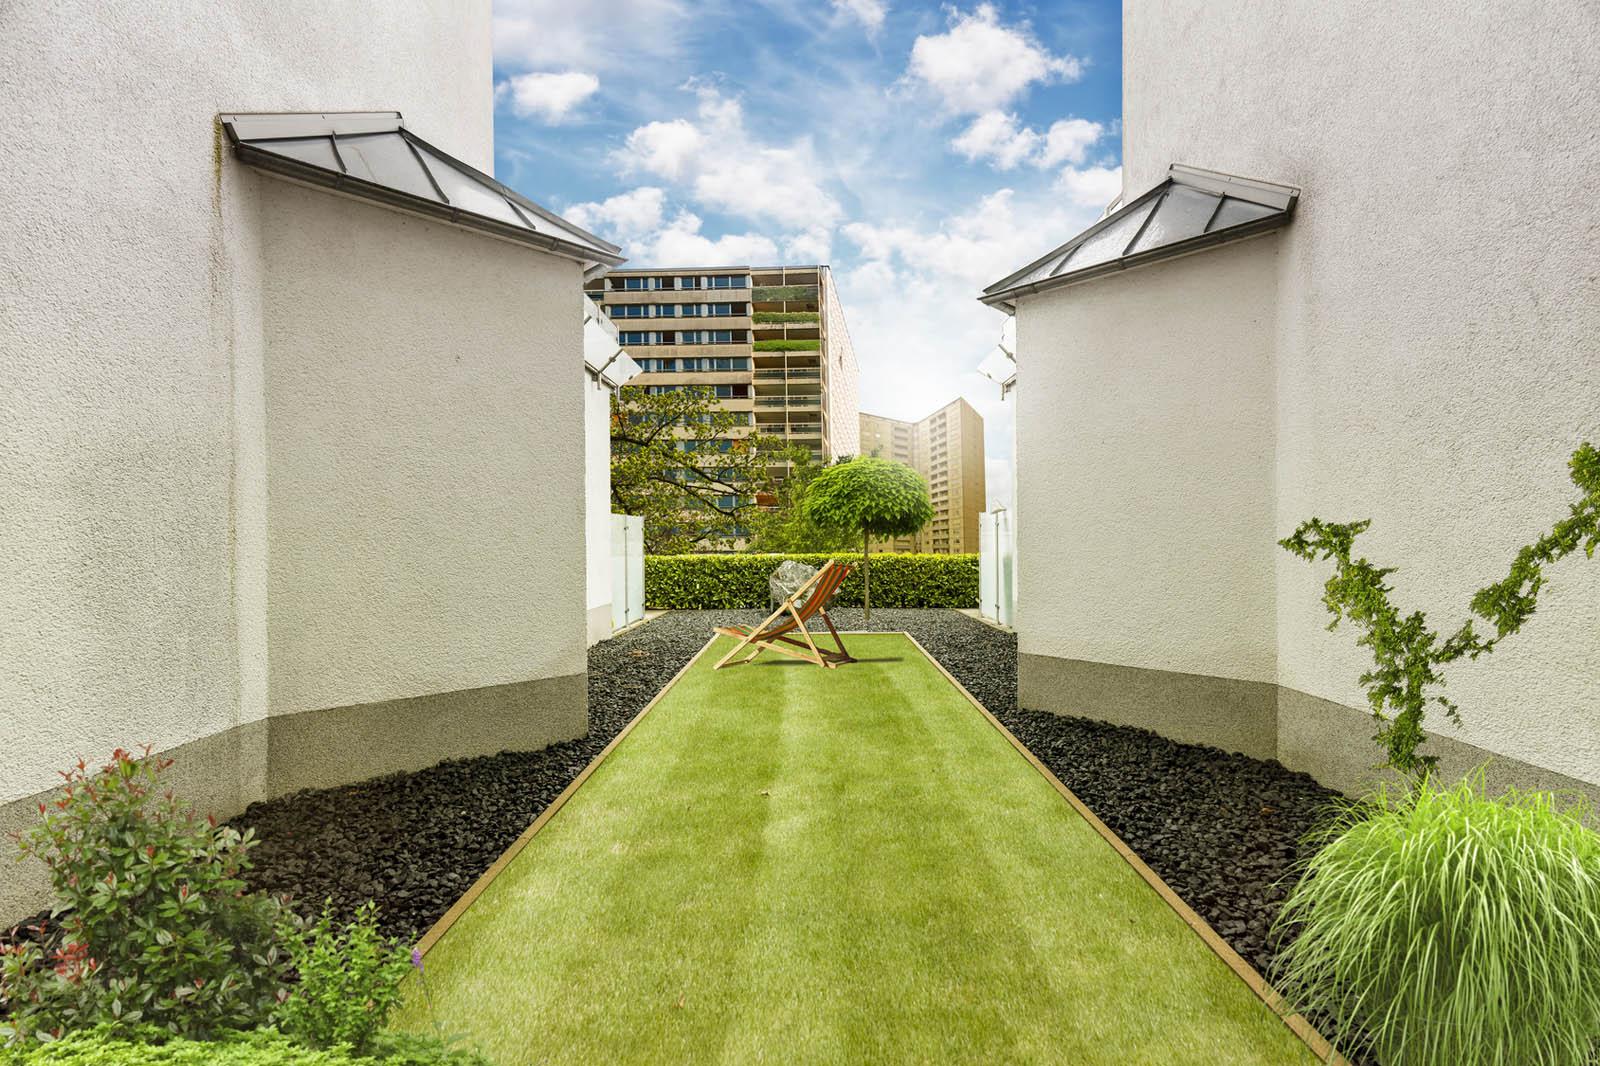 leistungen weiland gr nbau garten und landschaftsbau aus mannheim. Black Bedroom Furniture Sets. Home Design Ideas